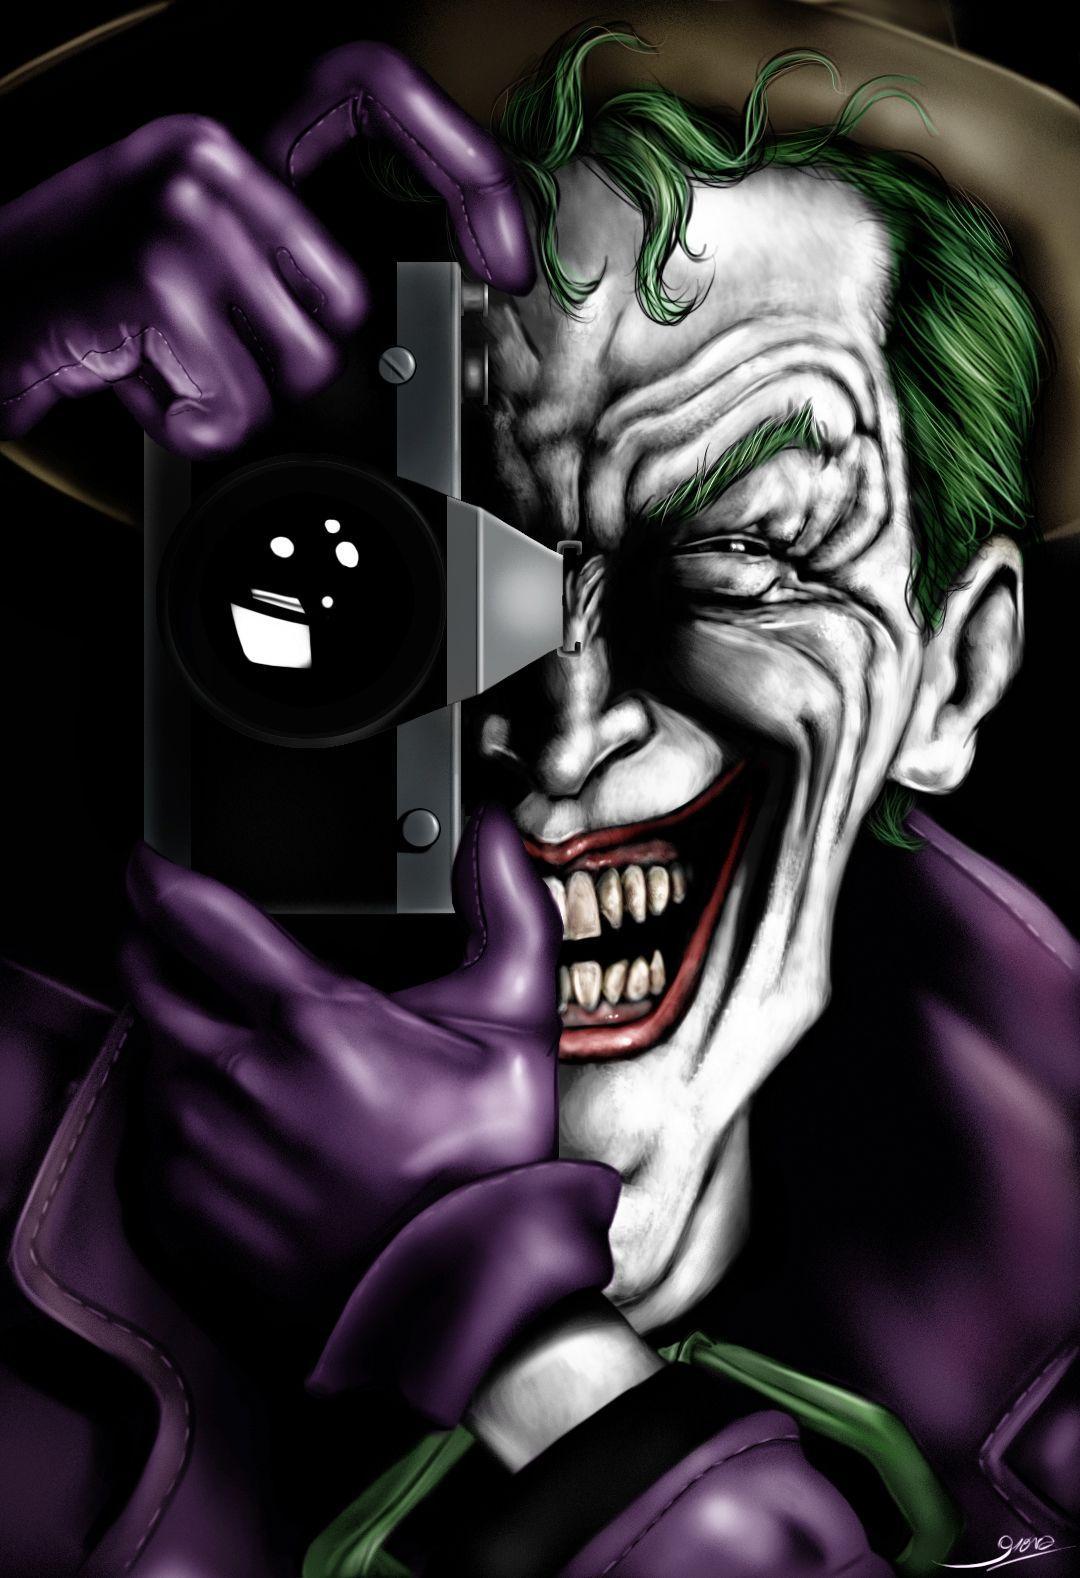 Free Fire Joker Wallpaper Hd